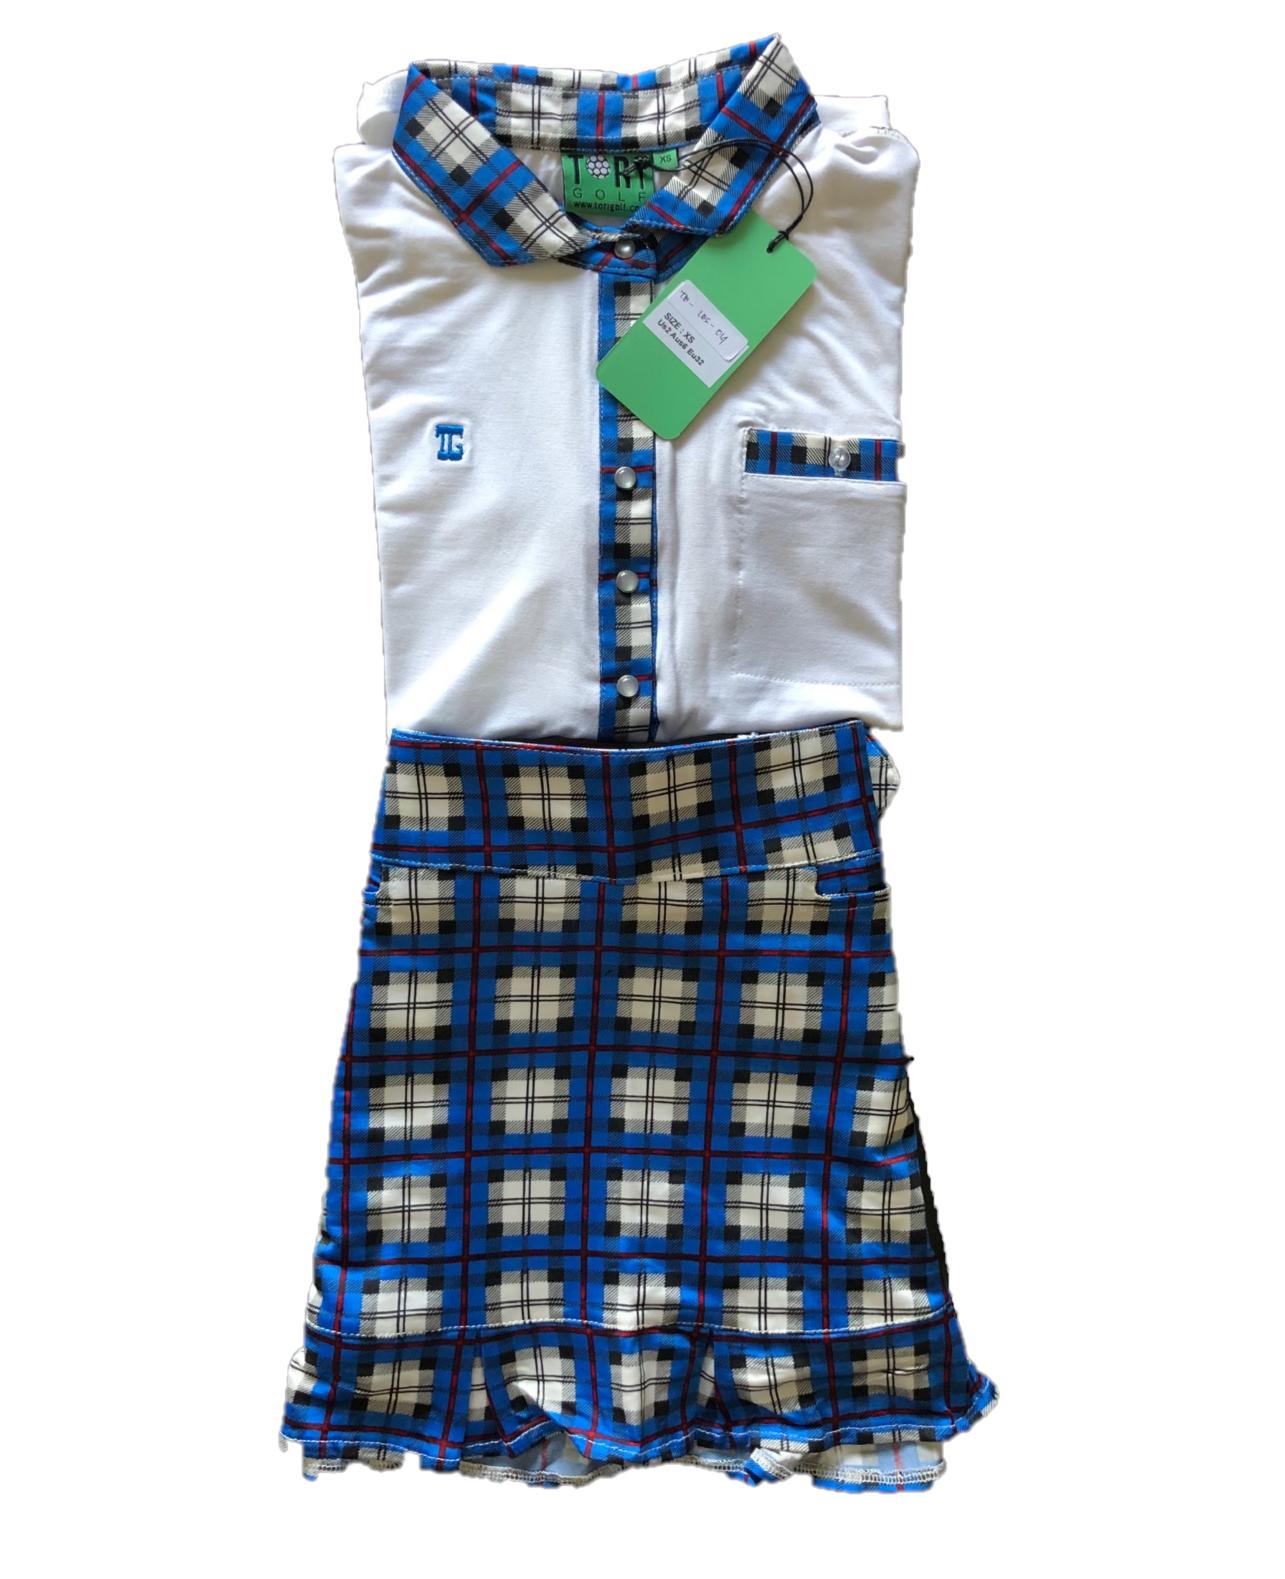 LGS-014    Ladies Golf Skirt & Top 3/4 Sleeve White With Blue & Black Tartan Trim 6 Pearl Snap Fasteners – Skirt Blue Black & White Tartan Squares With Red Borders